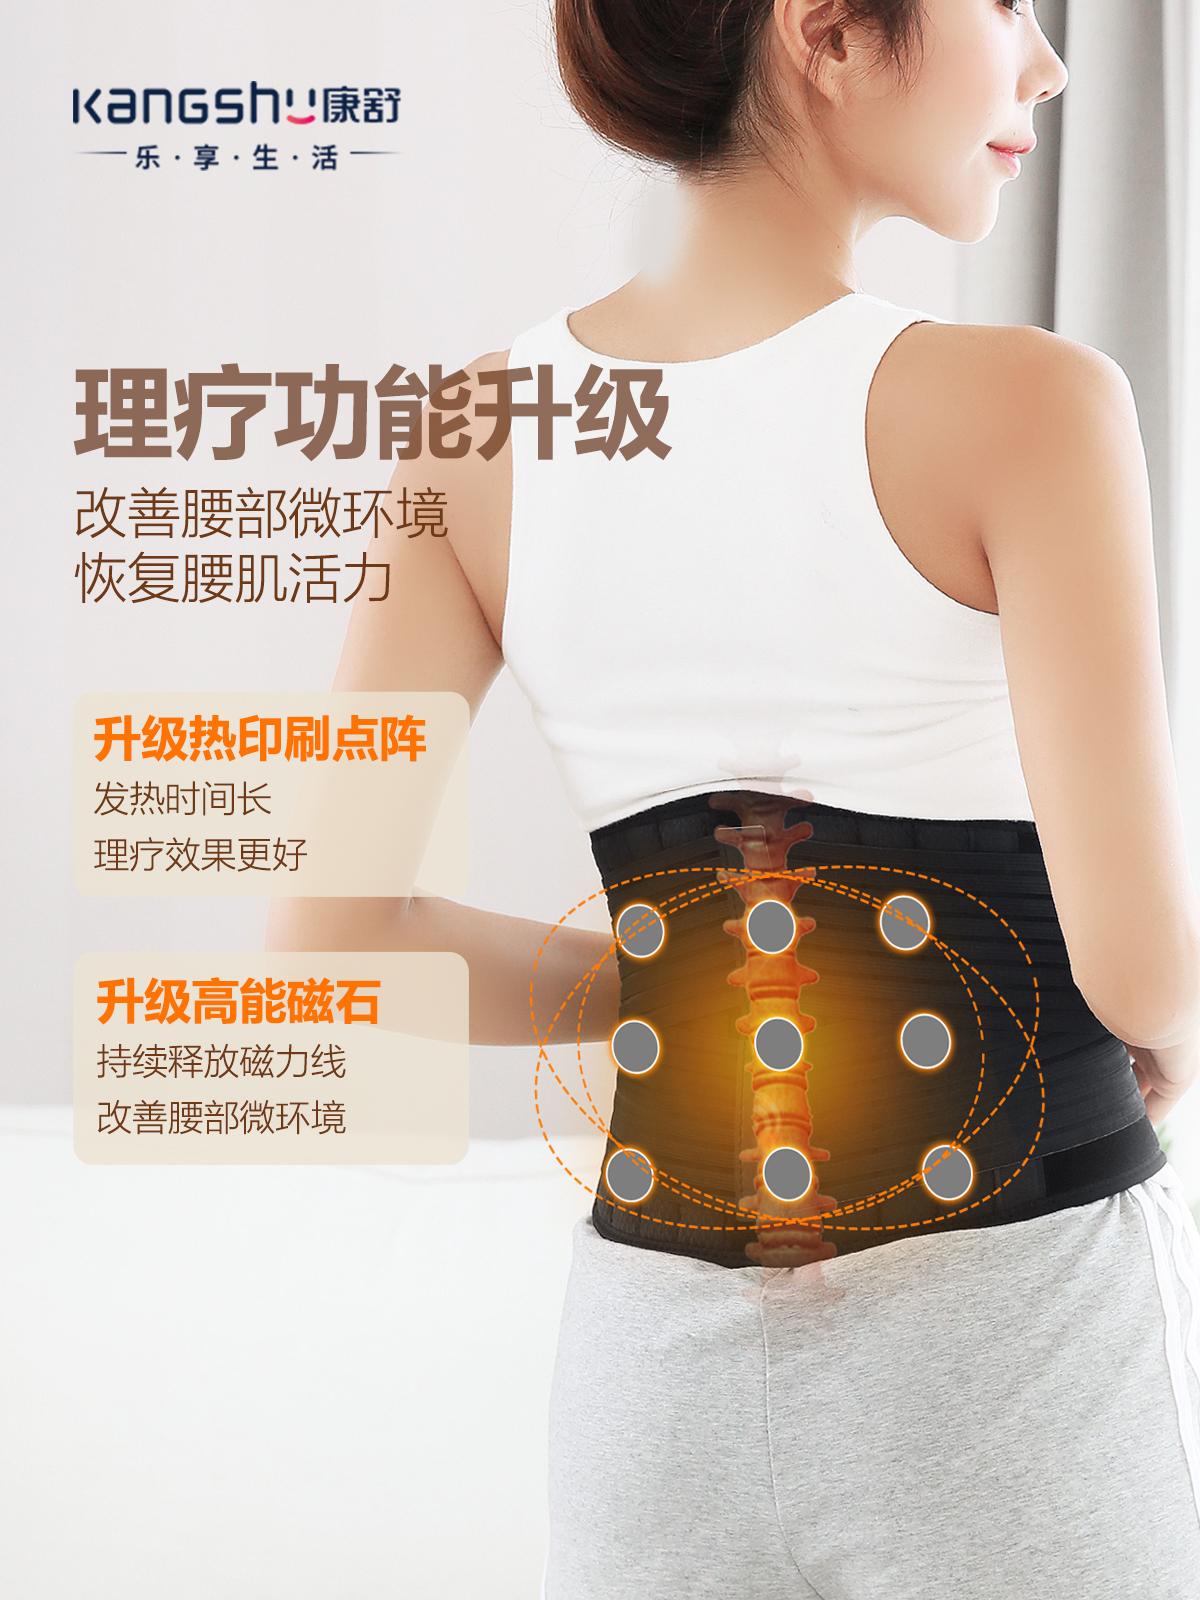 康舒 理疗加强款护腰带 天猫优惠券折后¥39起包邮(¥99-60)送3款功能垫